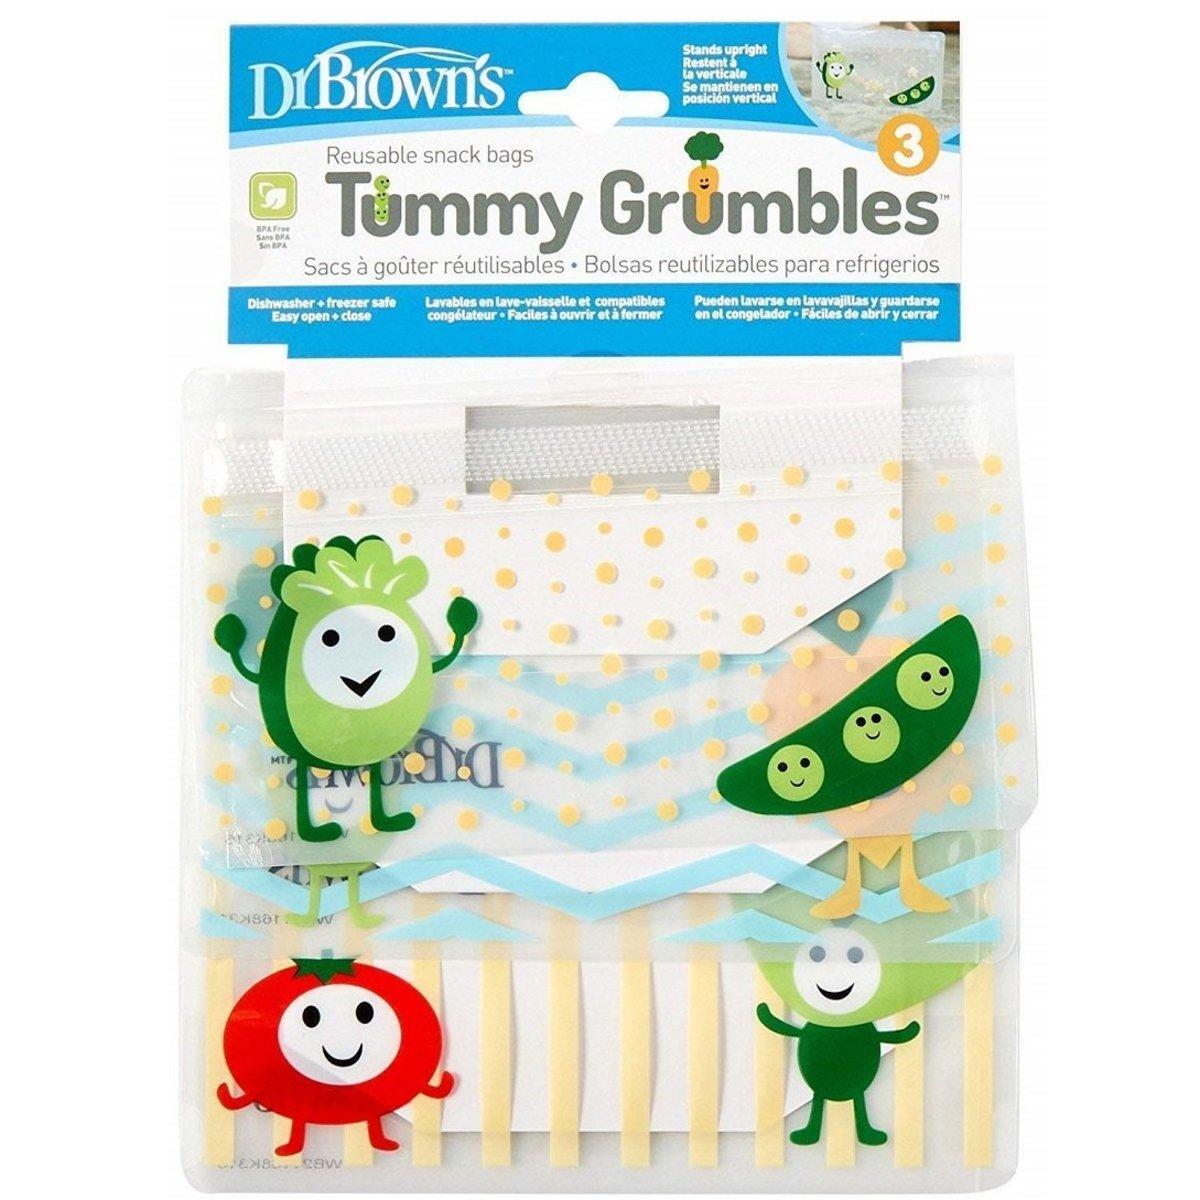 Tummy 可重複用零食袋 (3個) (72239308424) (平行進口)